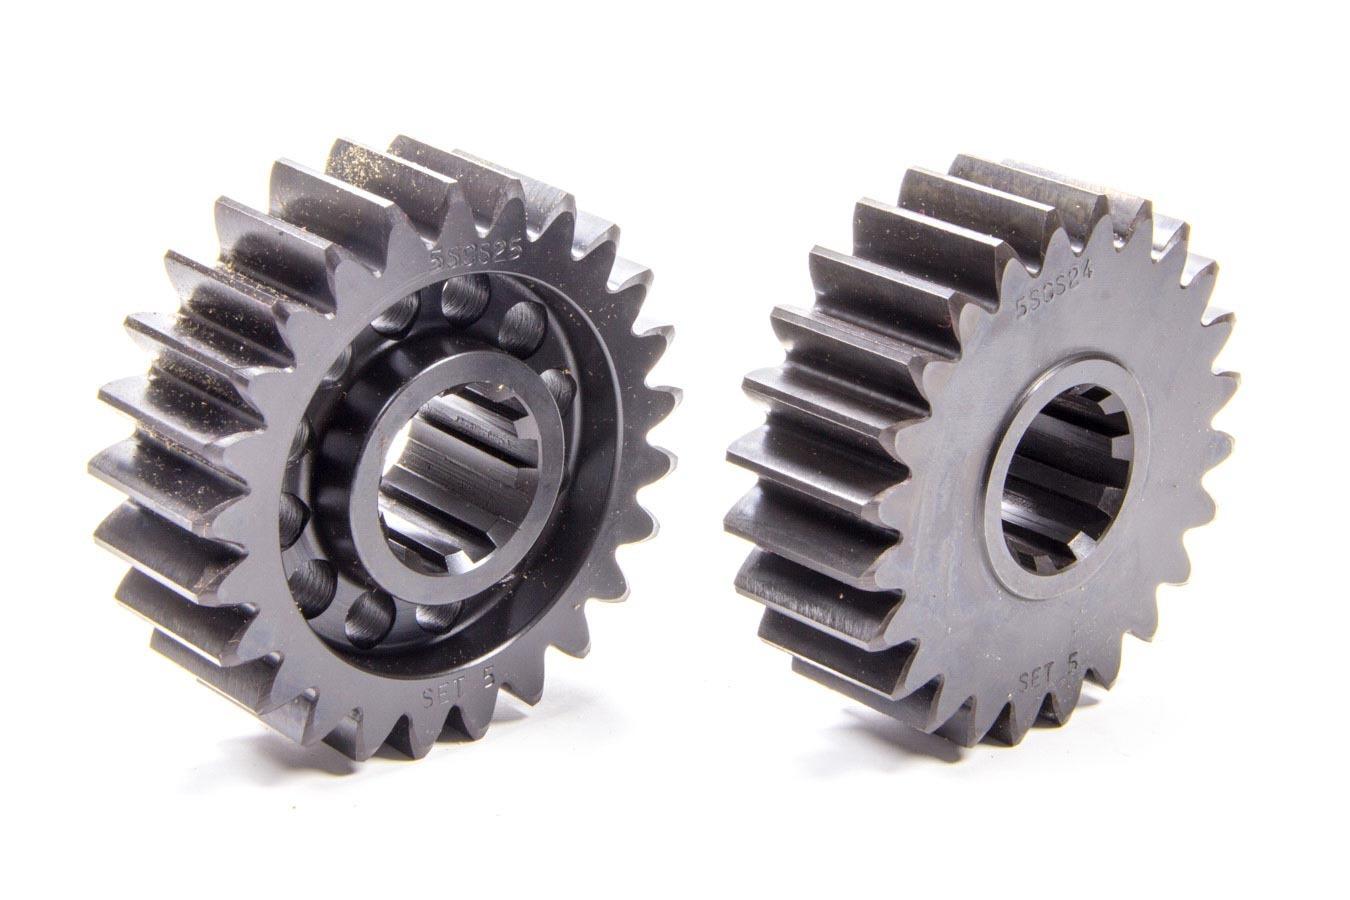 Scs Gears Quick Change Gear Set